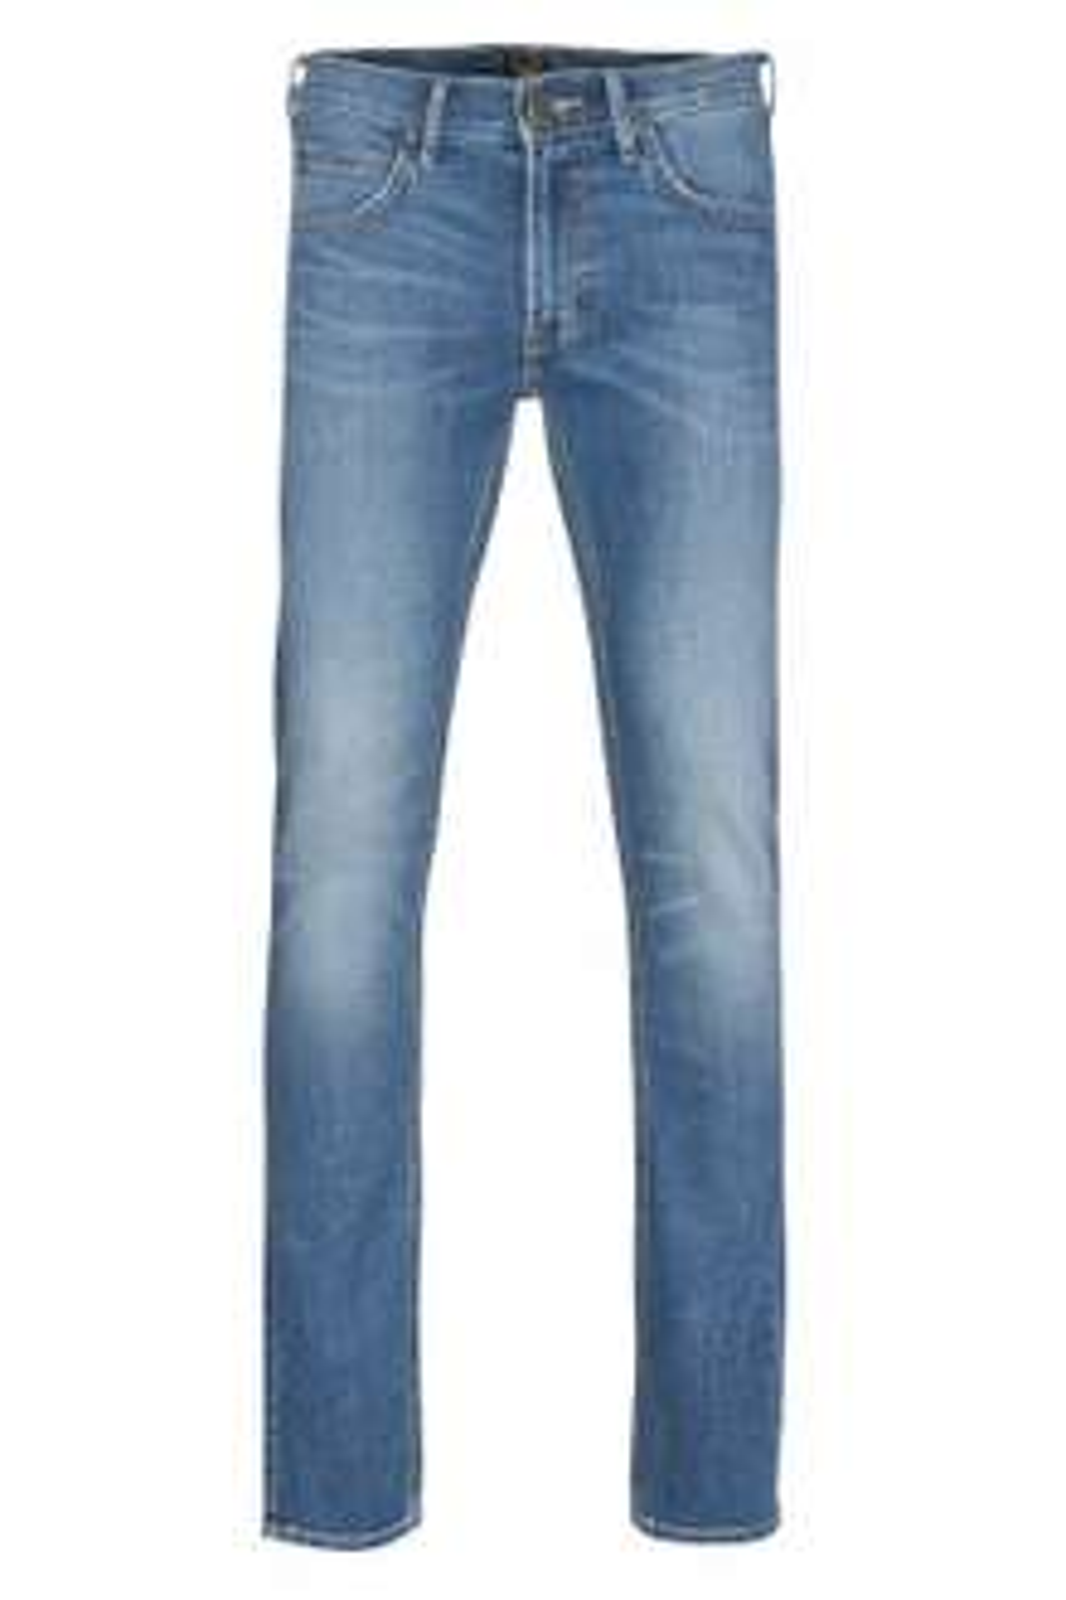 Marken Jeans ab 4,99€ inkl.Versand (Lee, Levis, Wrangler)